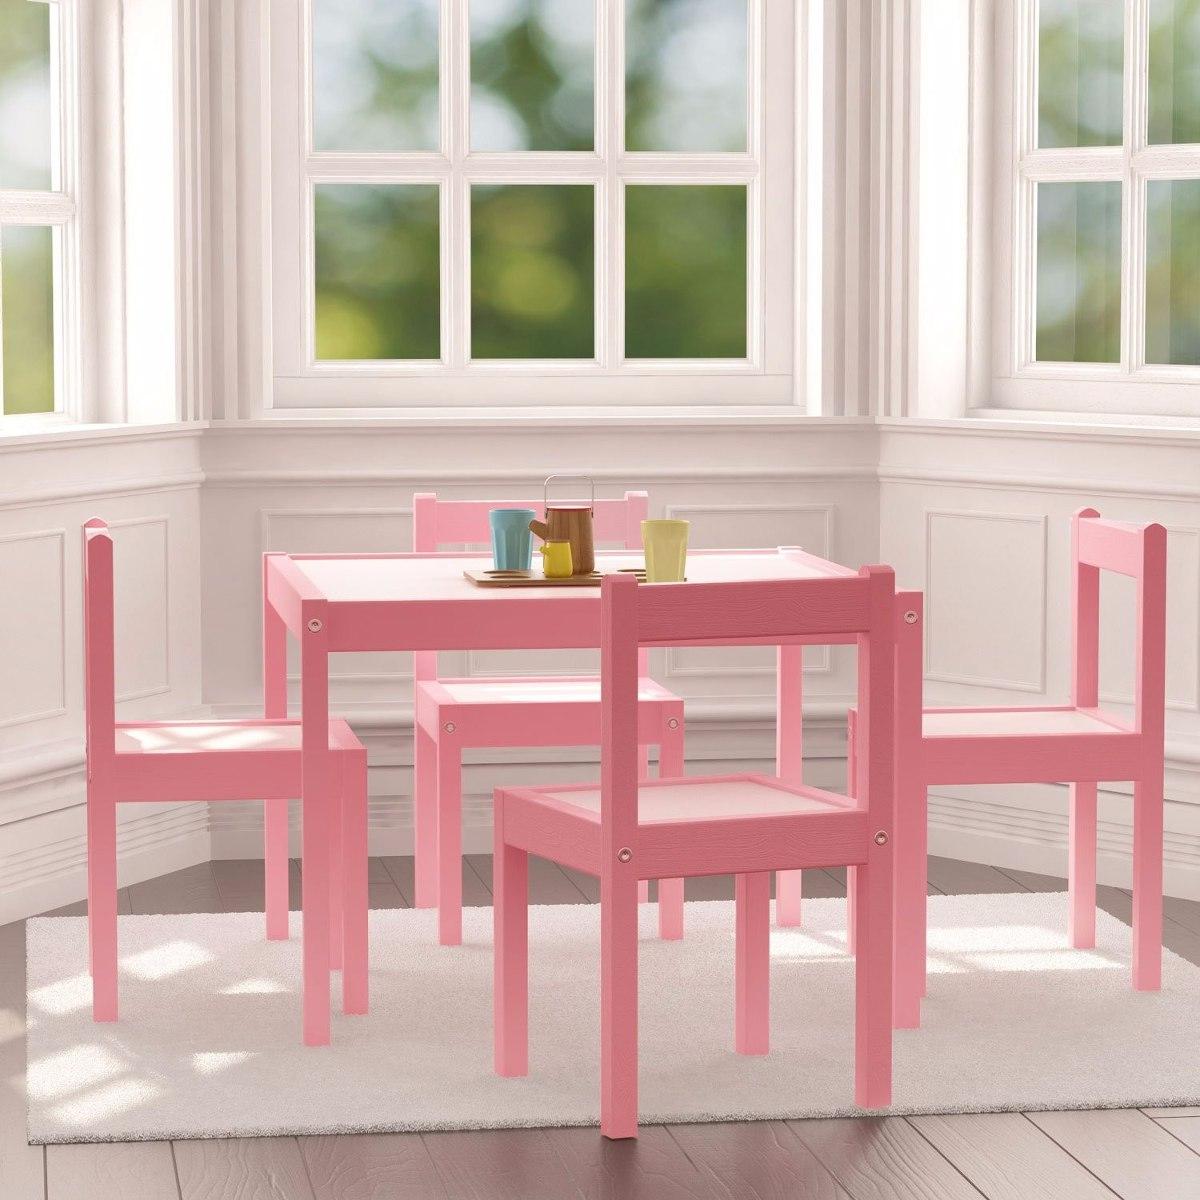 Juego mesa con 4 sillas sillita mesita infantil madera - Mesita con sillas infantiles ...